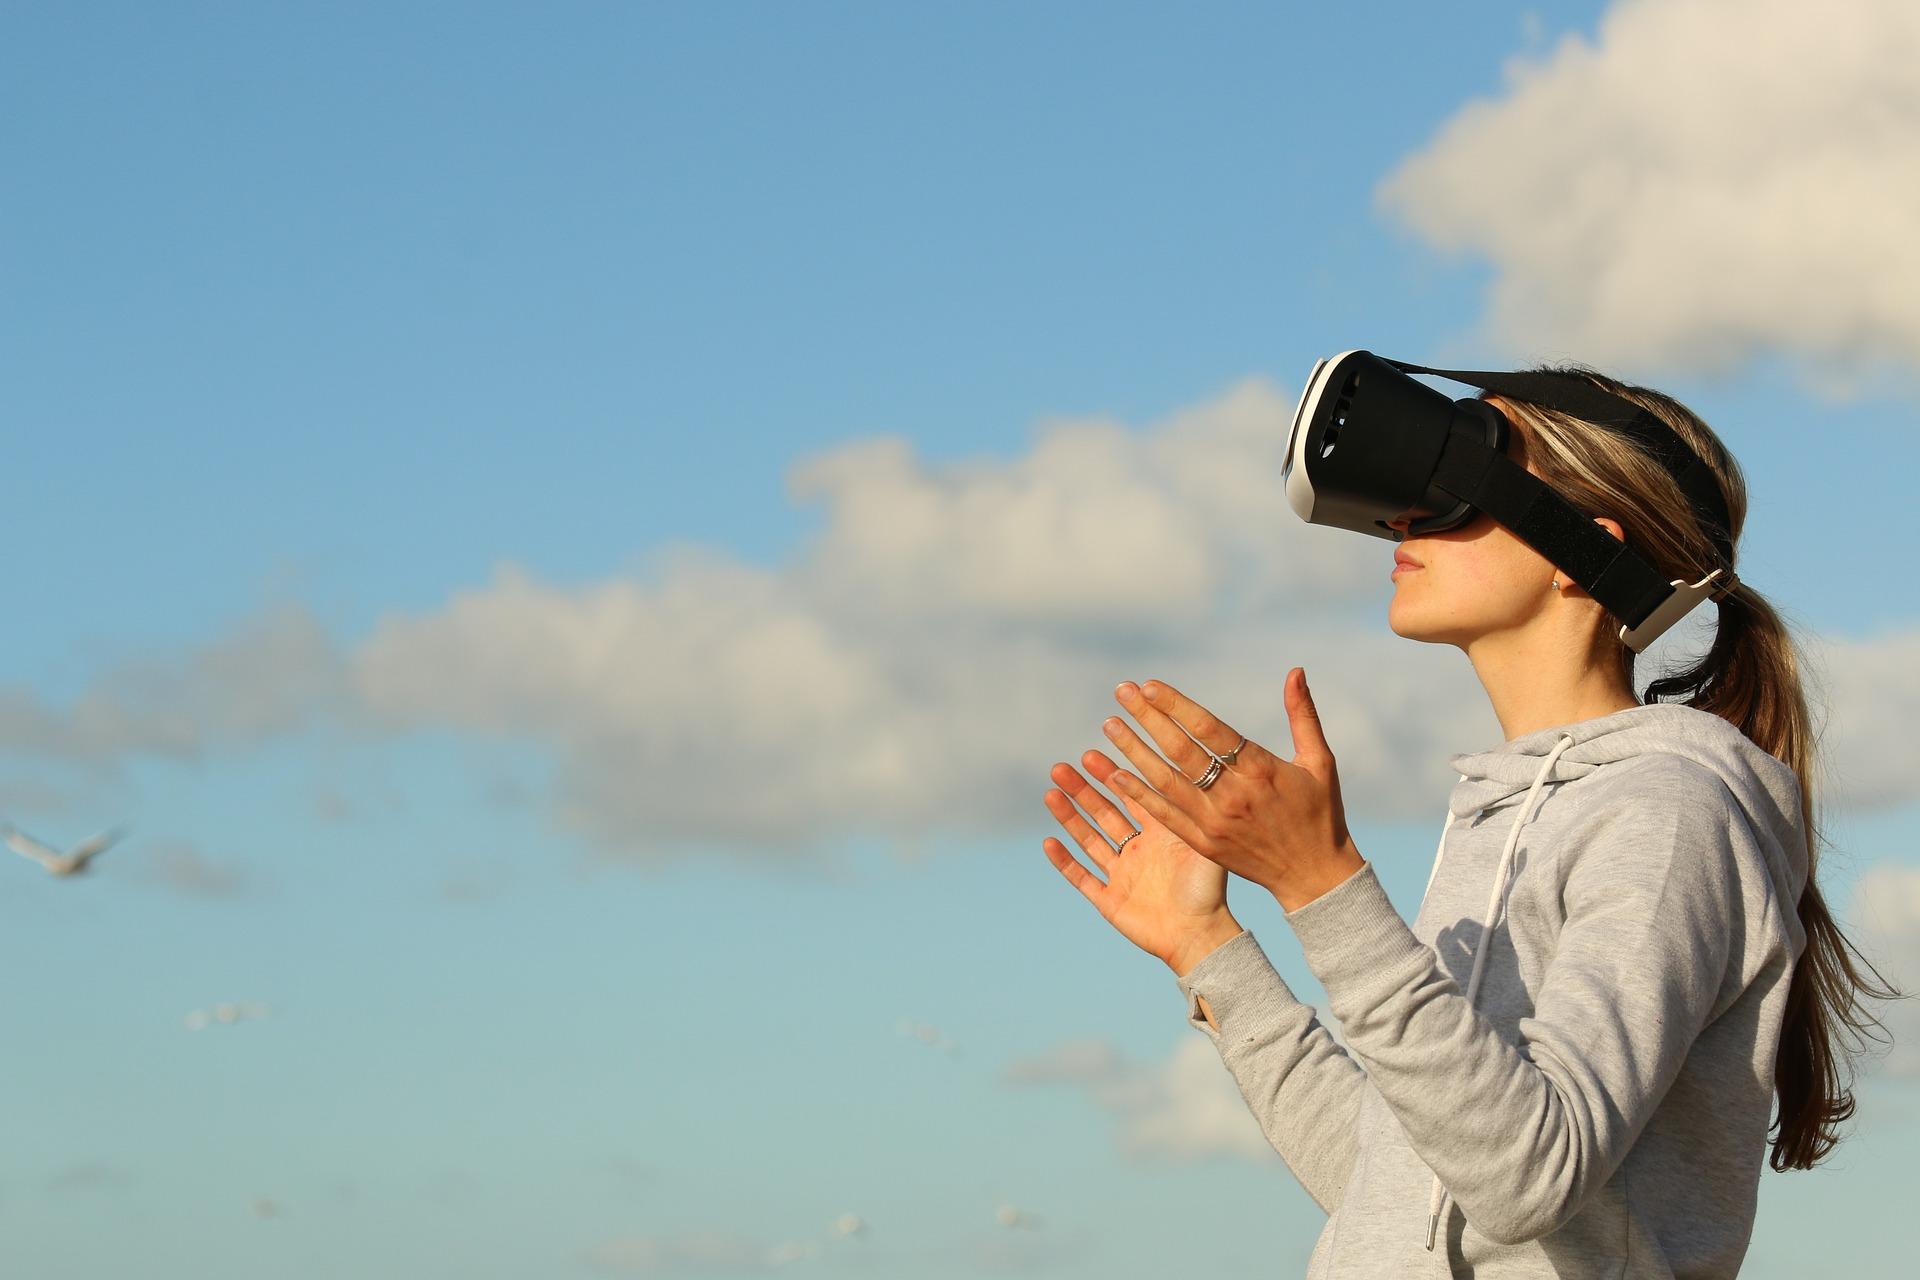 За 4 роки ринок AR/VR-пристроїв зросте у 5 разів